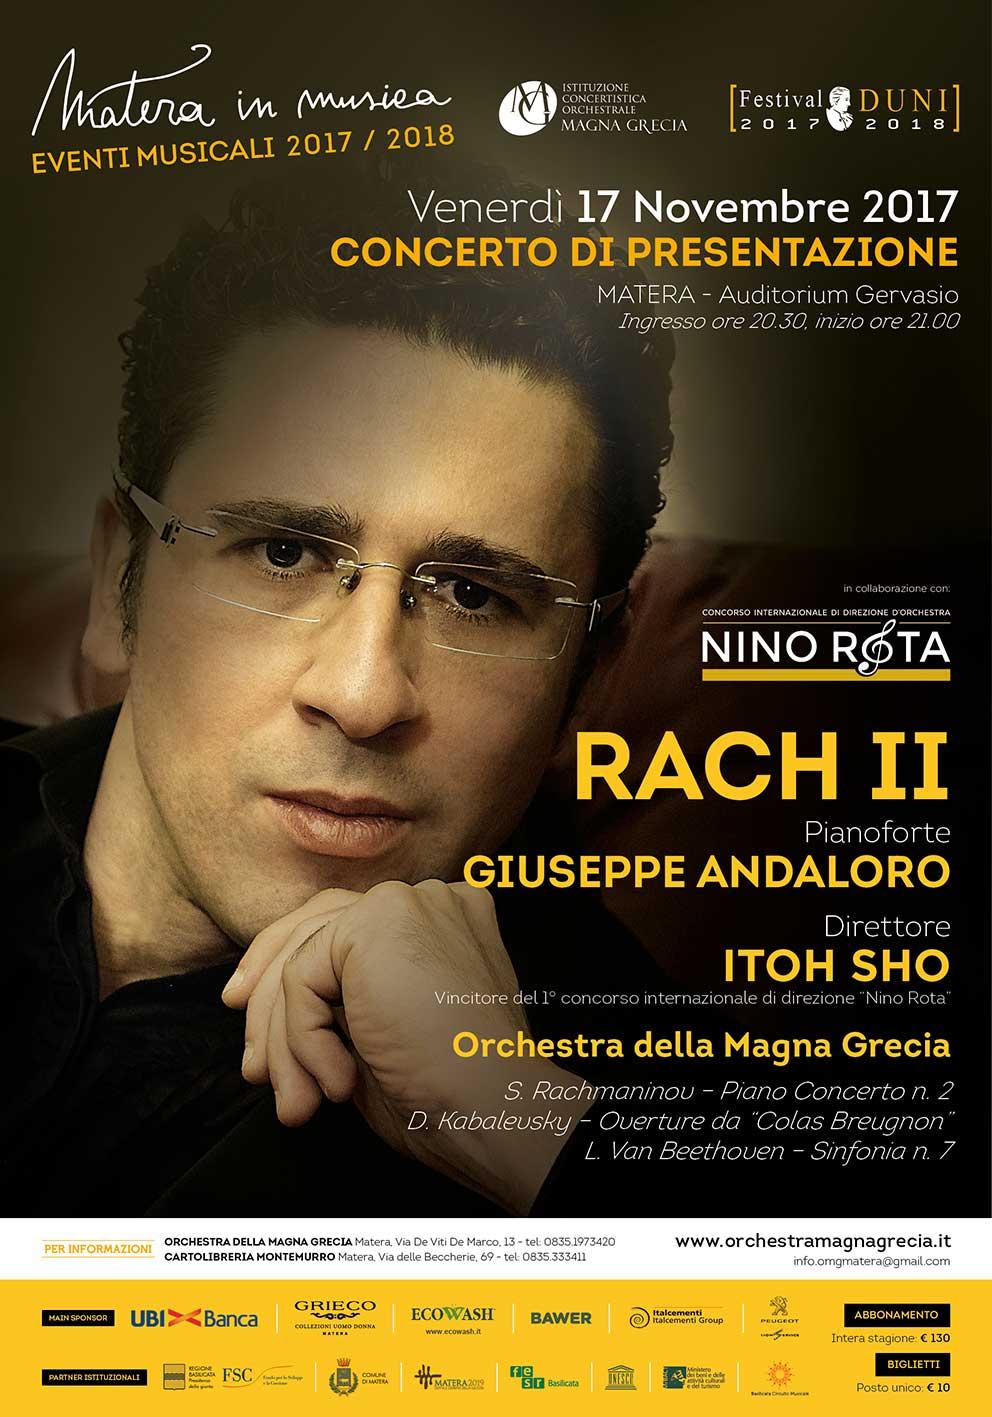 Orchestra della Magna Grecia - Taranto